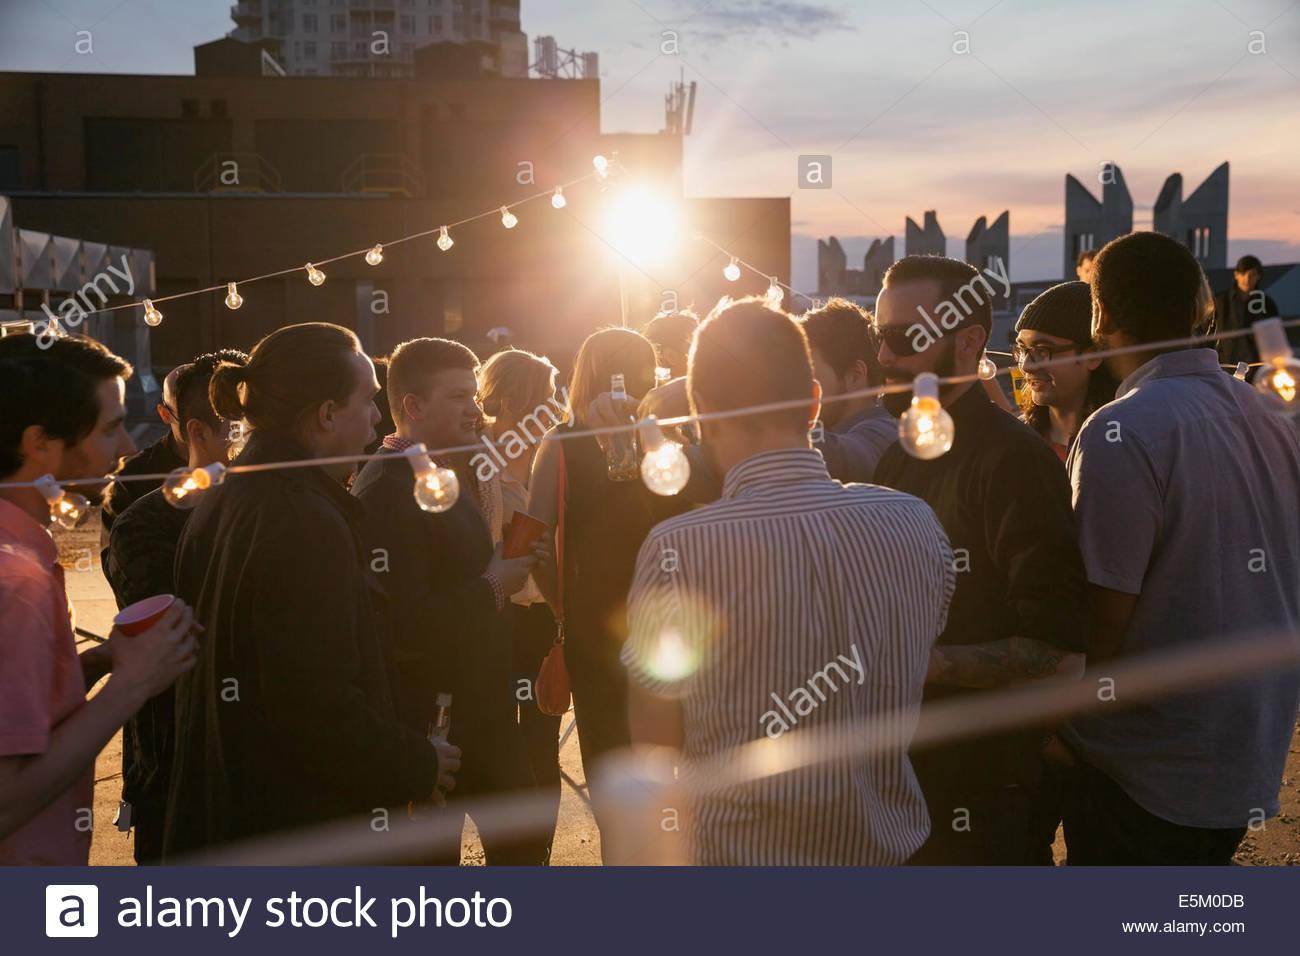 Luces de cadena a lo largo de multitud en el partido de la azotea Imagen De Stock